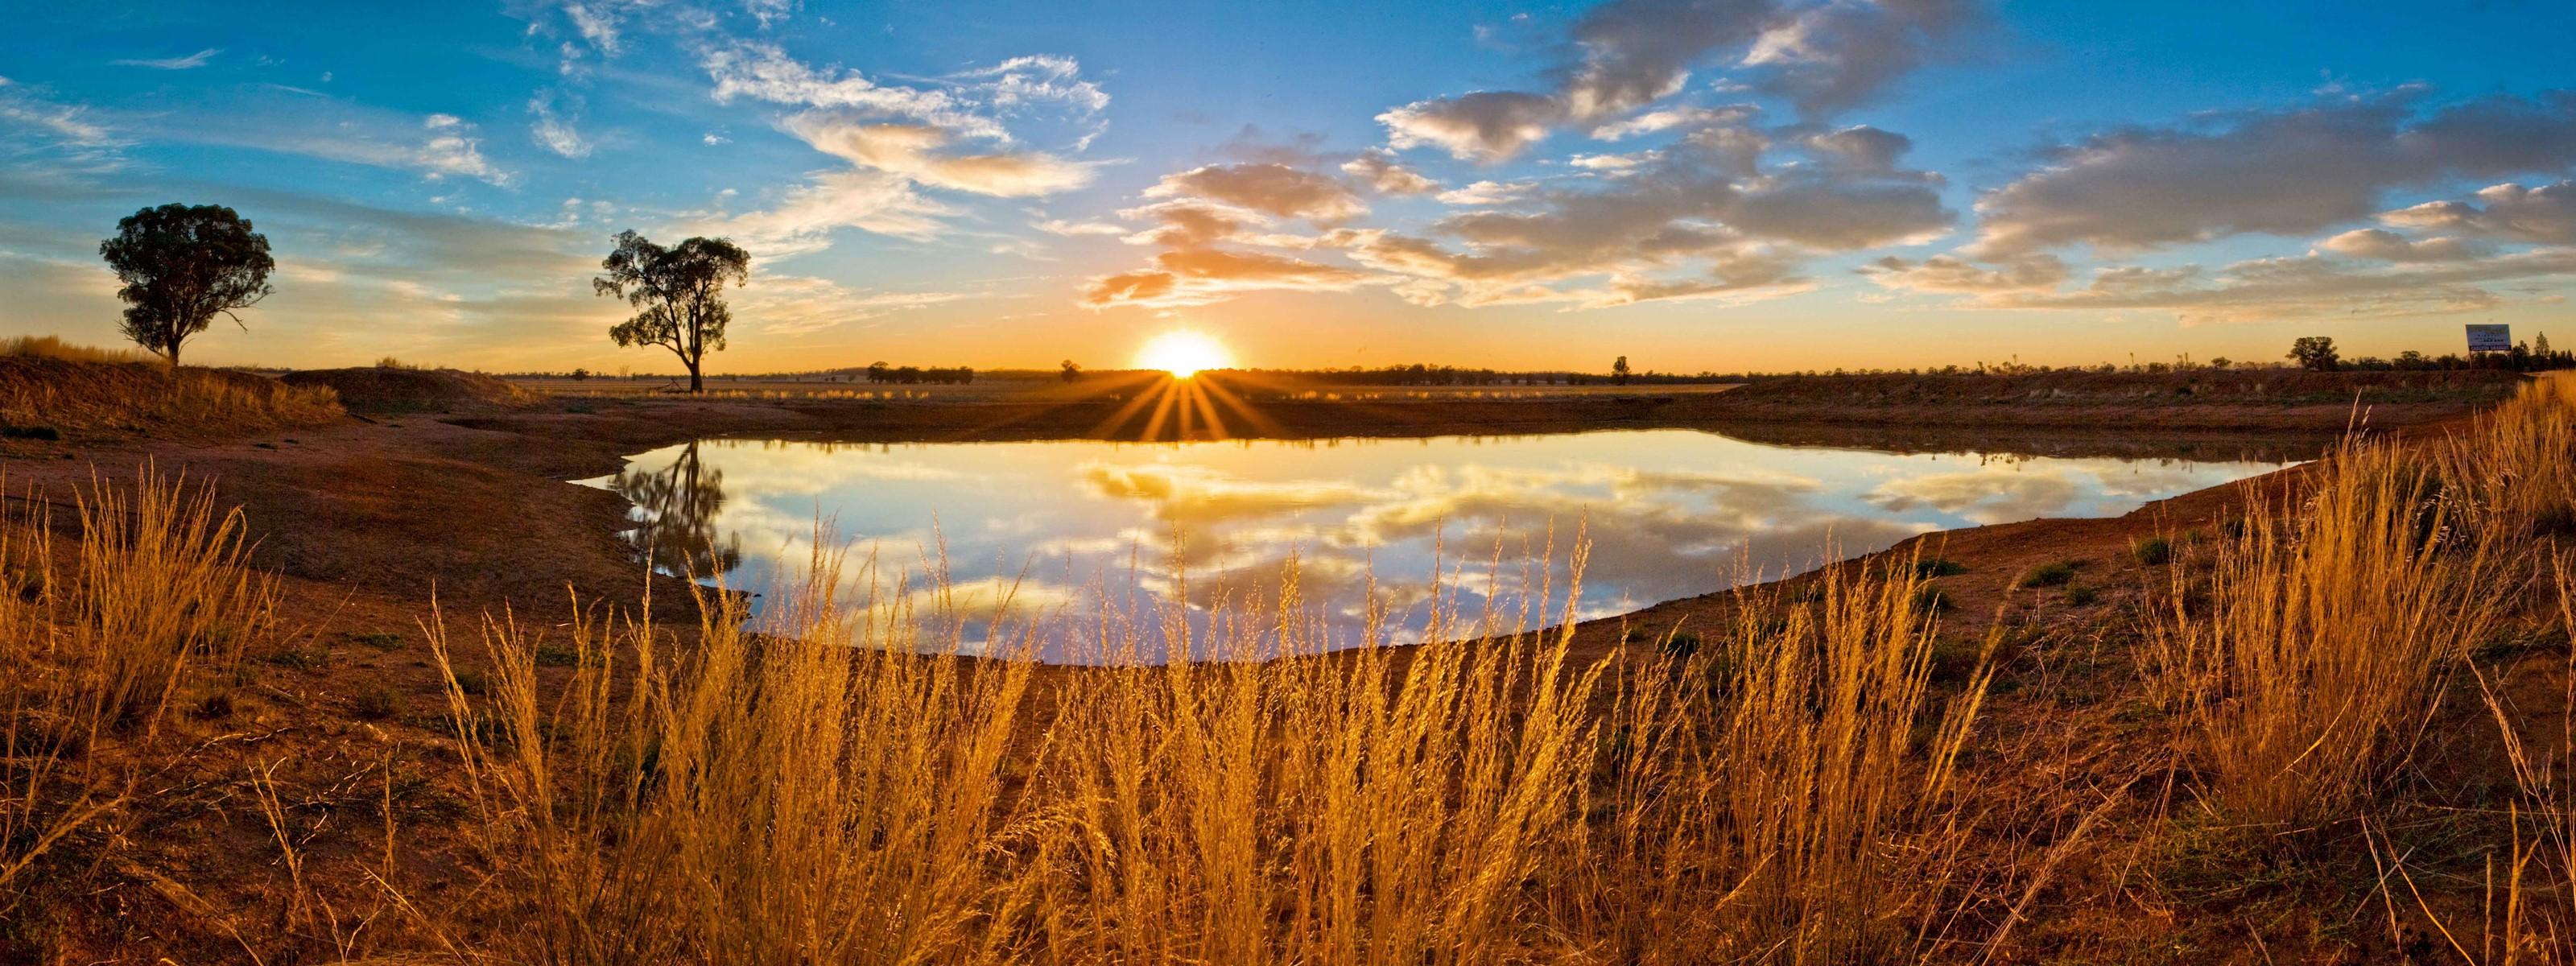 закат озеро небо трава  № 3878893 бесплатно